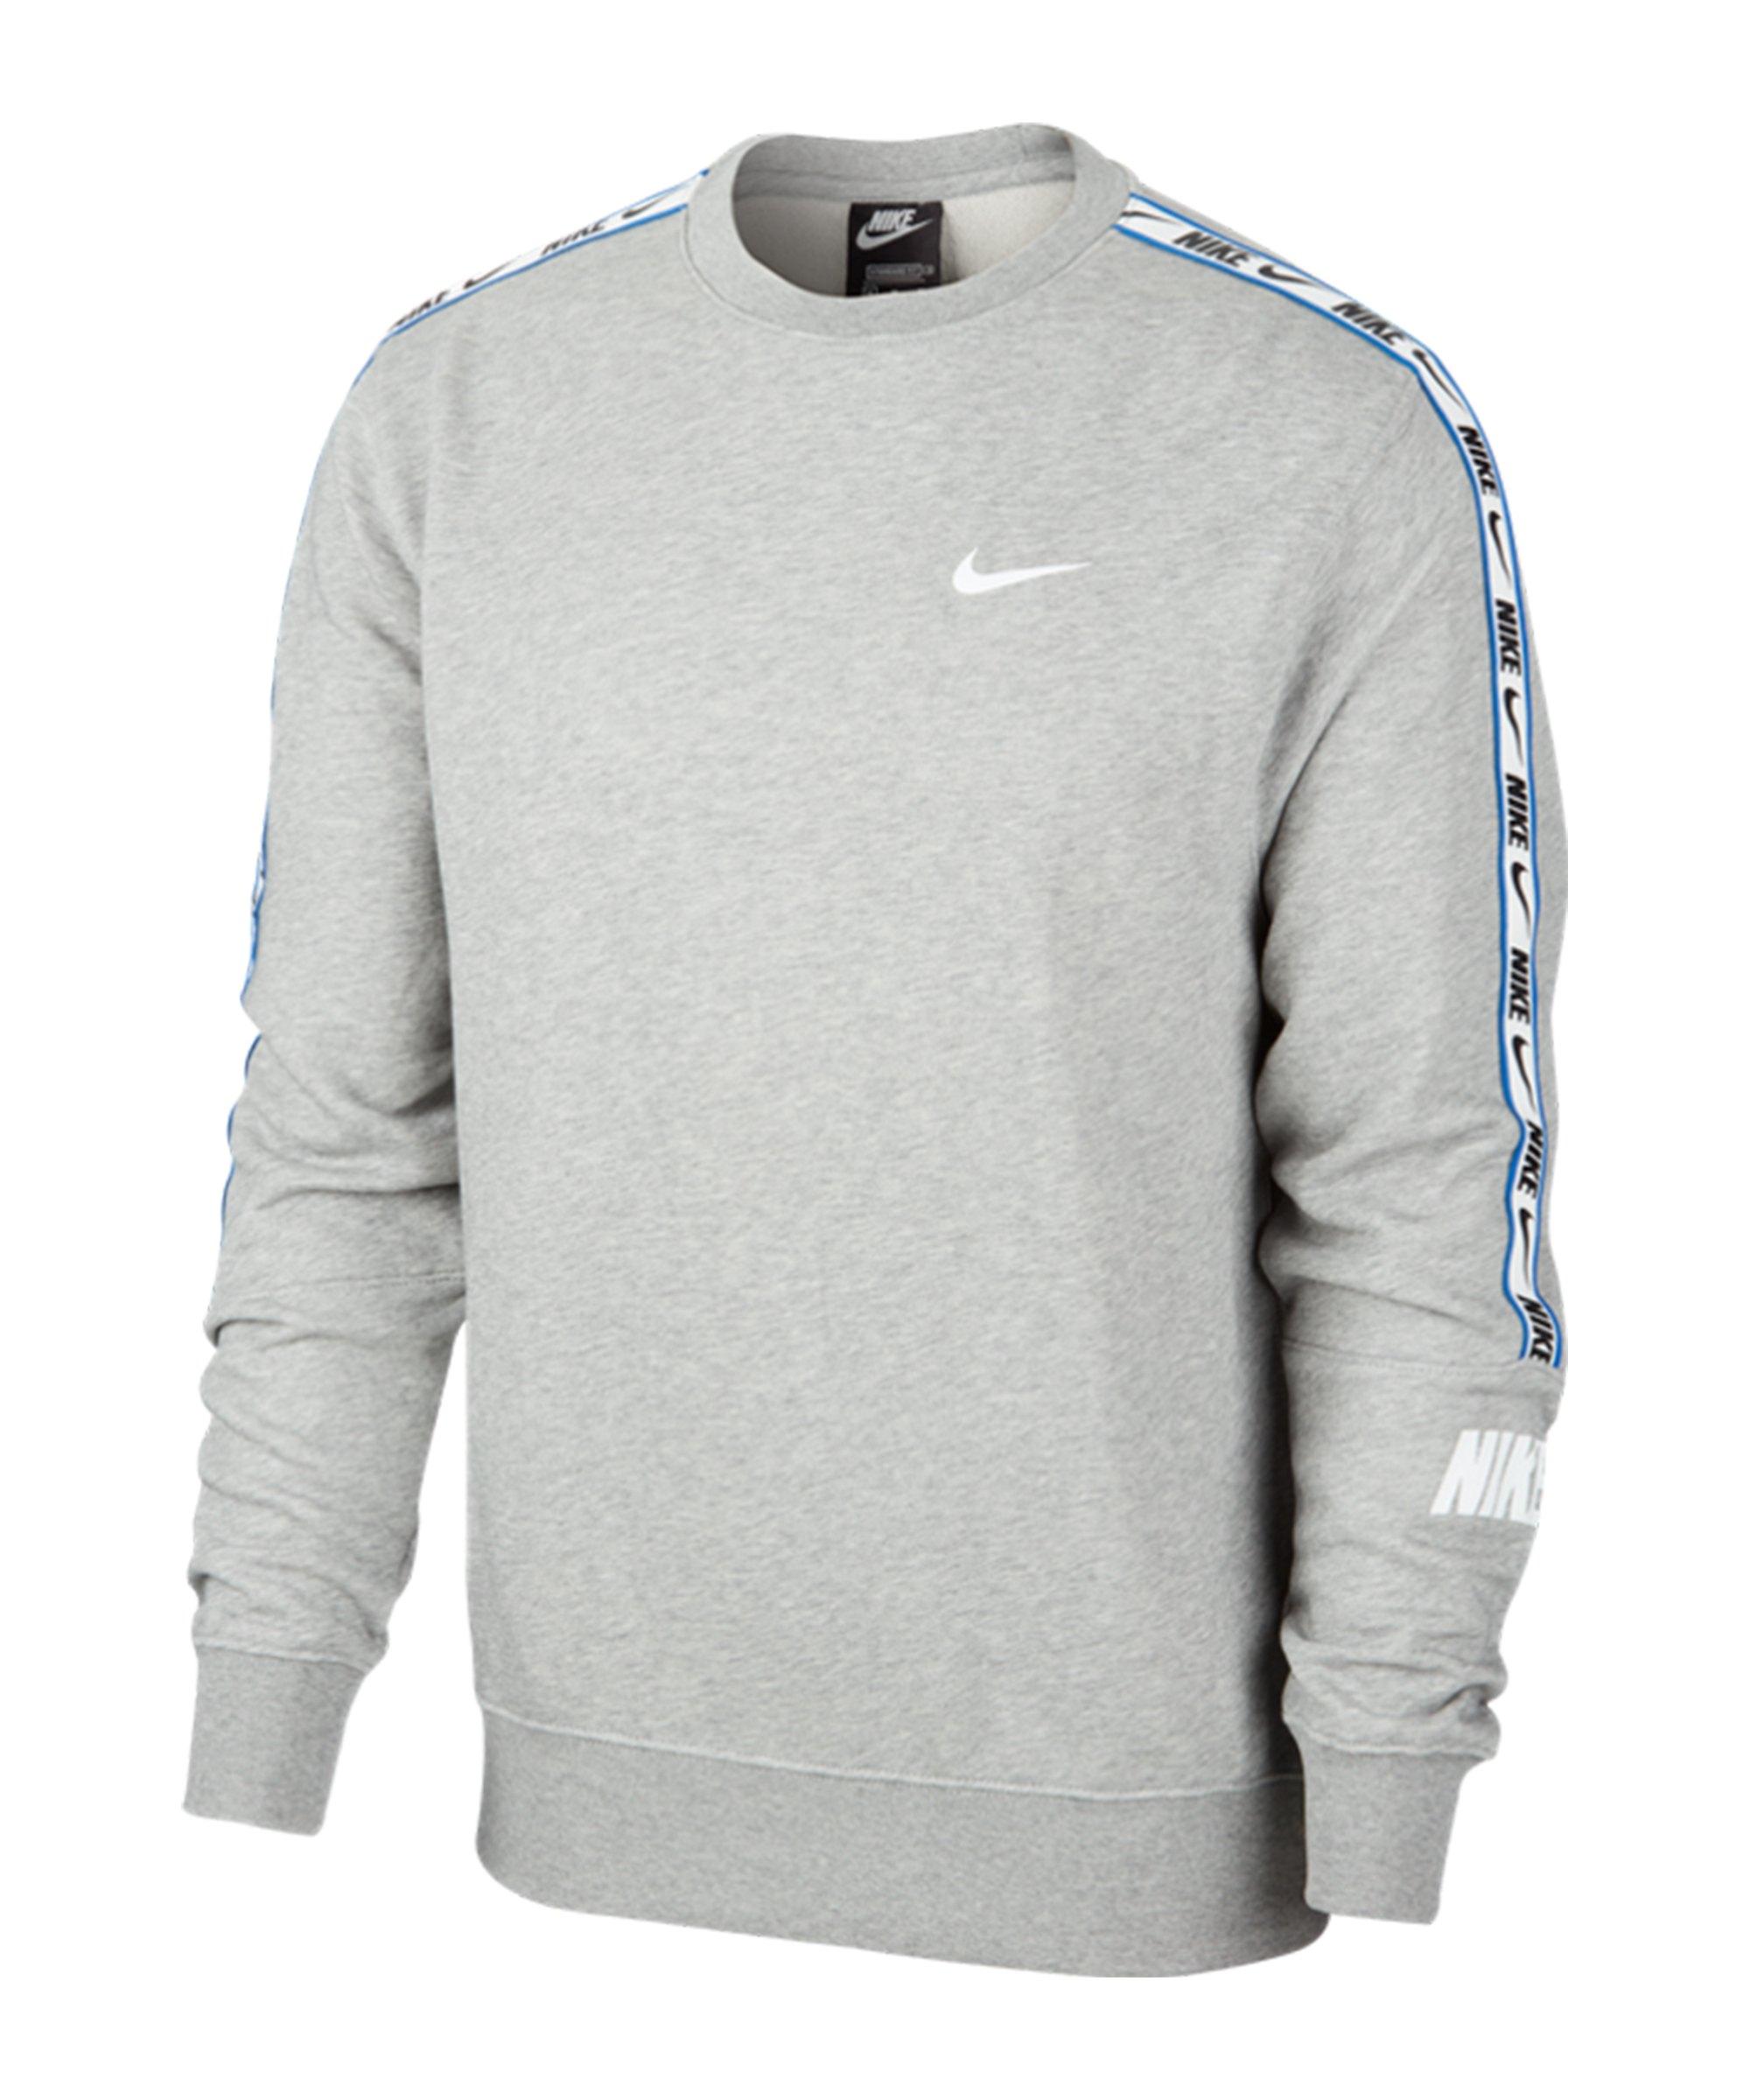 Nike Repeat Crew Sweatshirt Grau F063 - grau